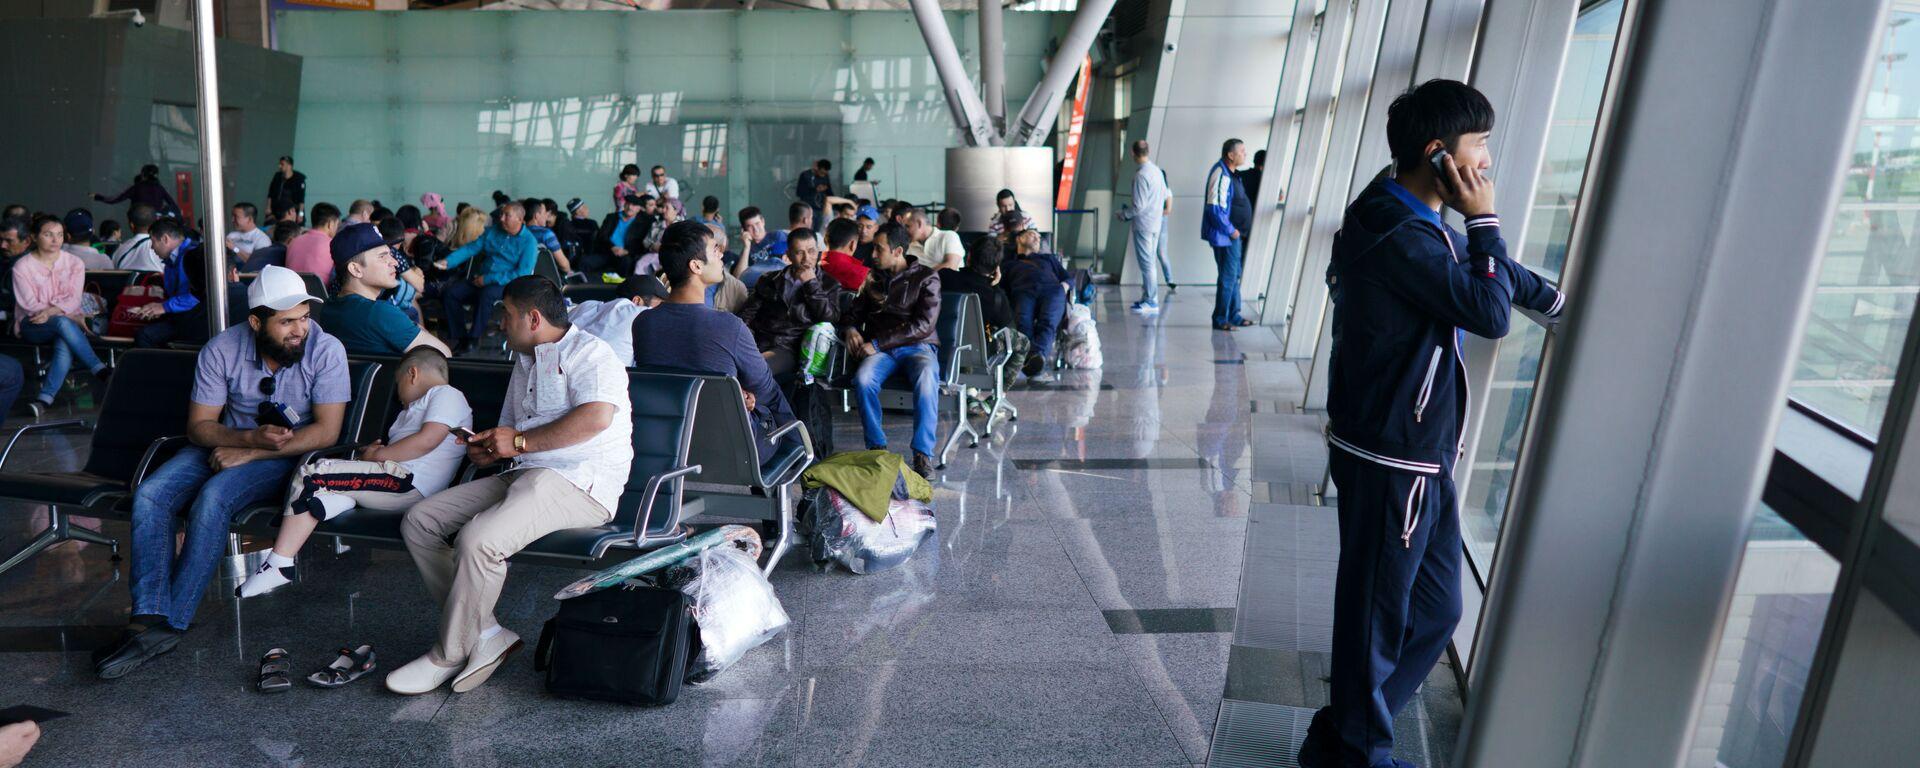 Граждане Узбекистана ждут самолета в терминале аэропорта Внуково - Sputnik Таджикистан, 1920, 26.07.2021